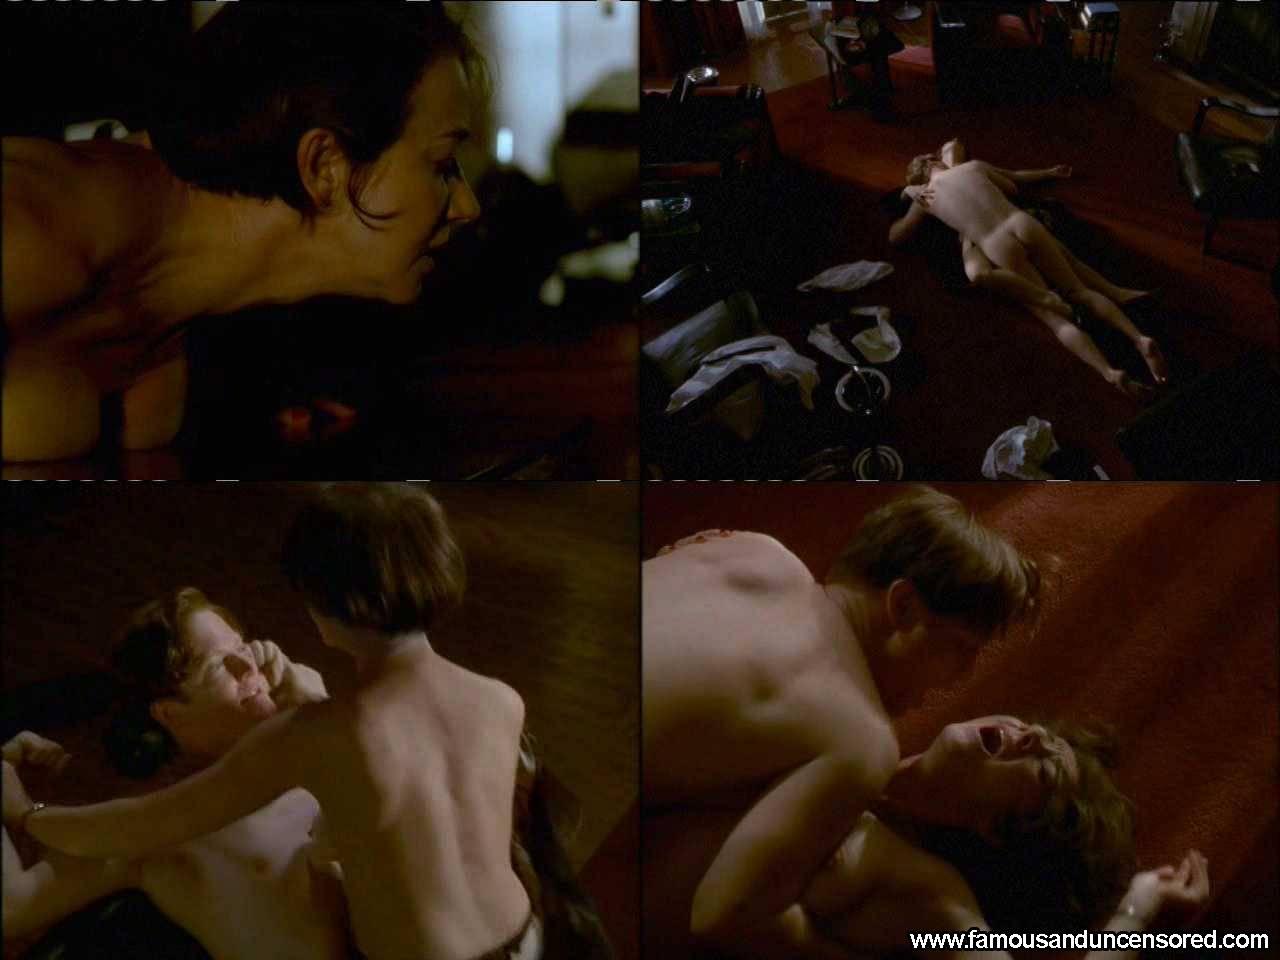 Helen mirren naked movie scenes alone!